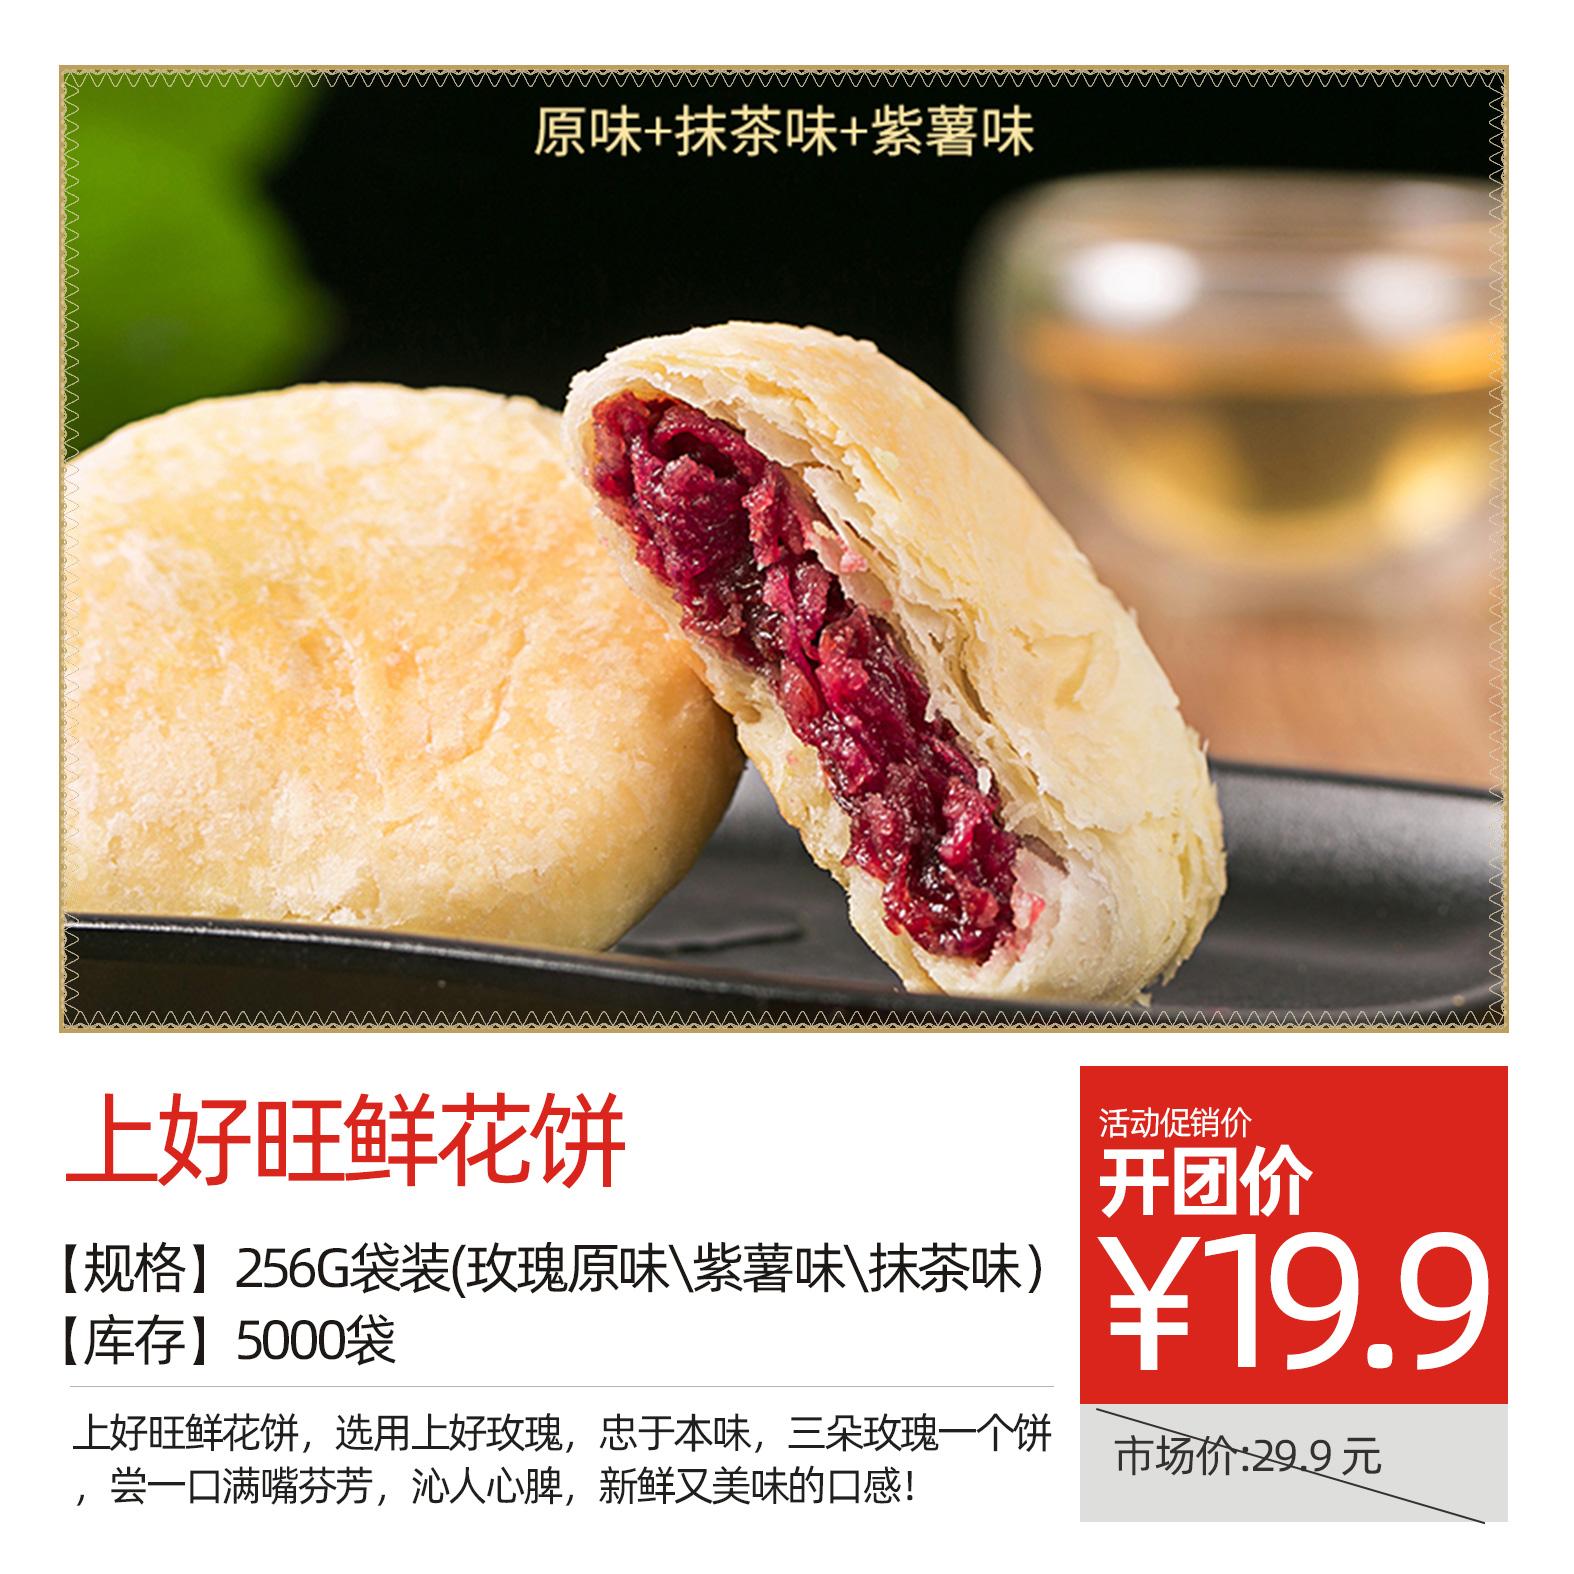 上好旺鲜花饼(256g)